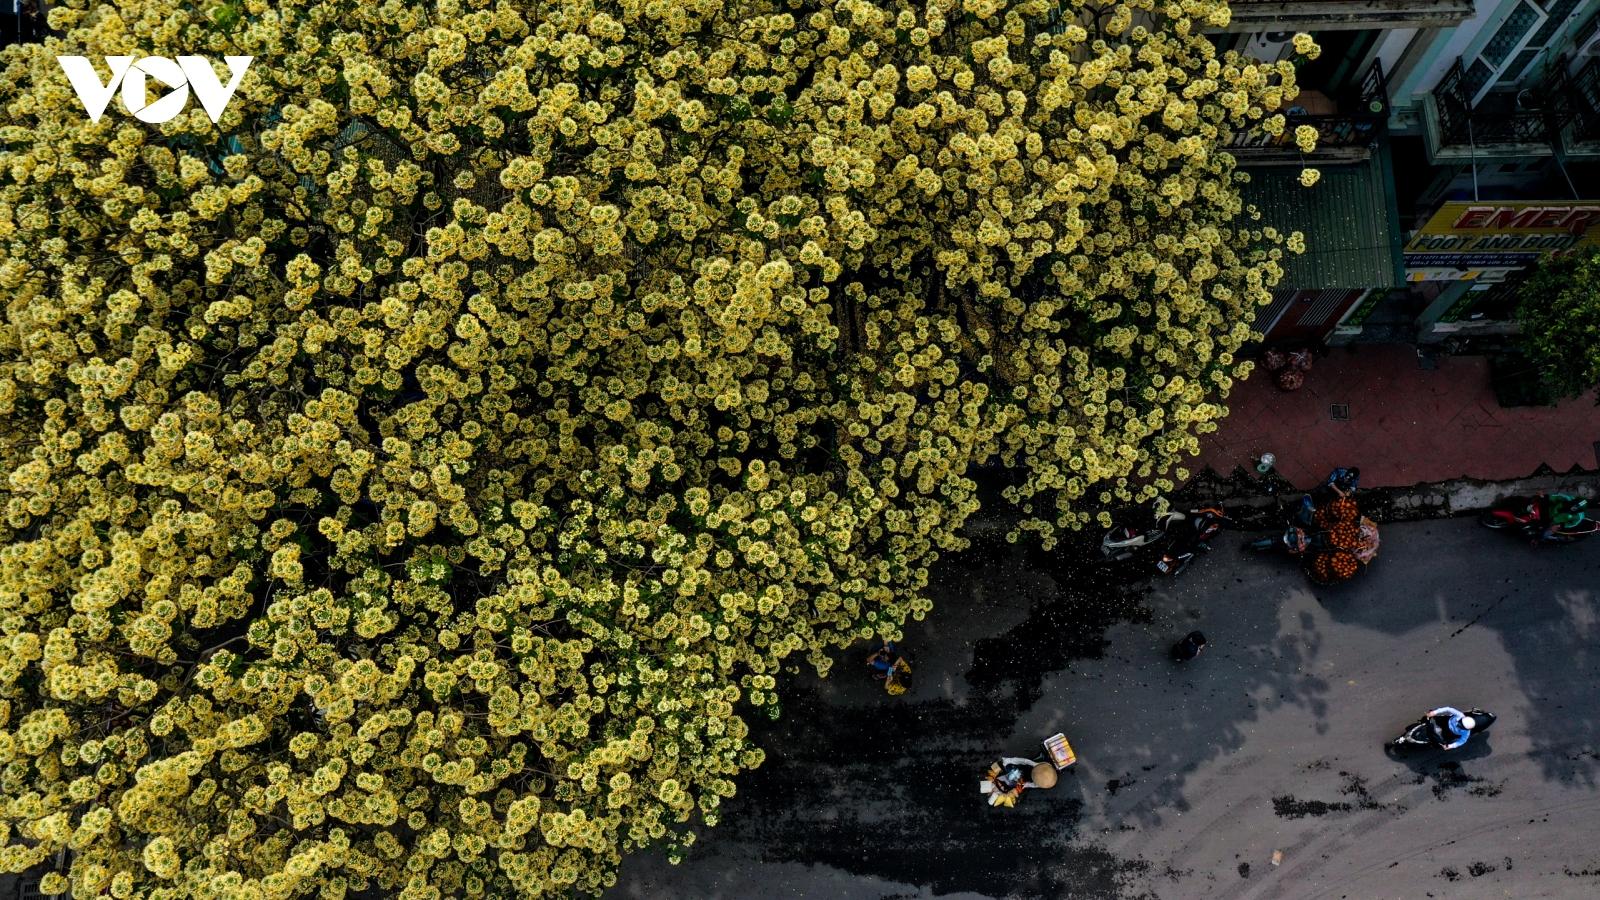 Ngỡ ngàng vẻ đẹp cây hoa bún có tuổi 300 năm giữa lòng Hà Nội